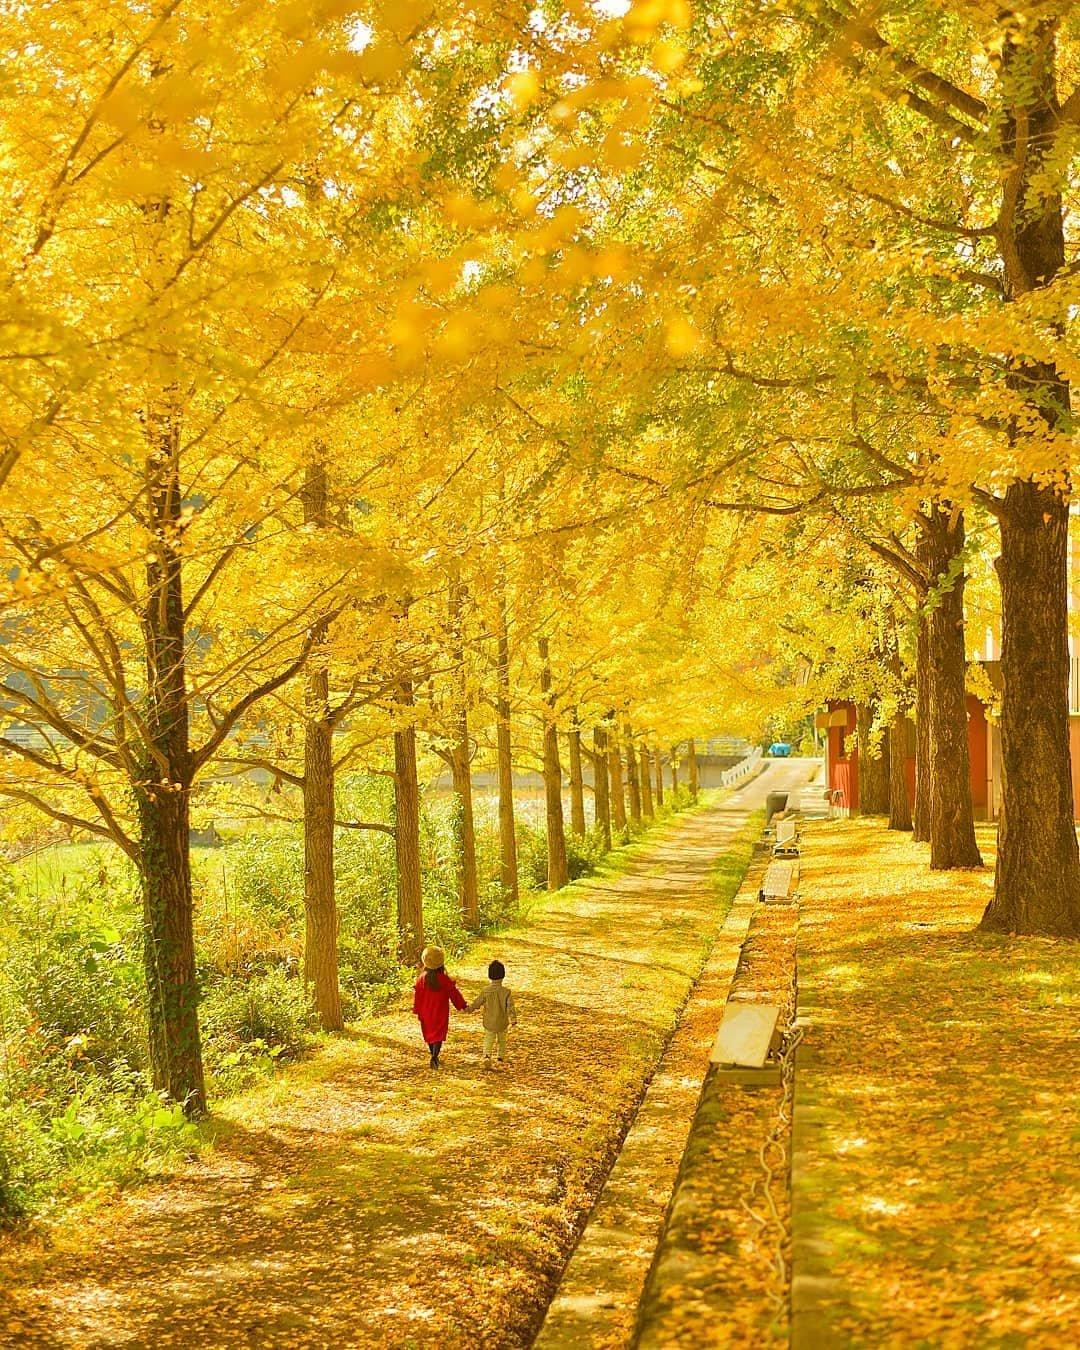 日本摄影师kaji_nori06镜头下的银杏!出镜的是他女儿!